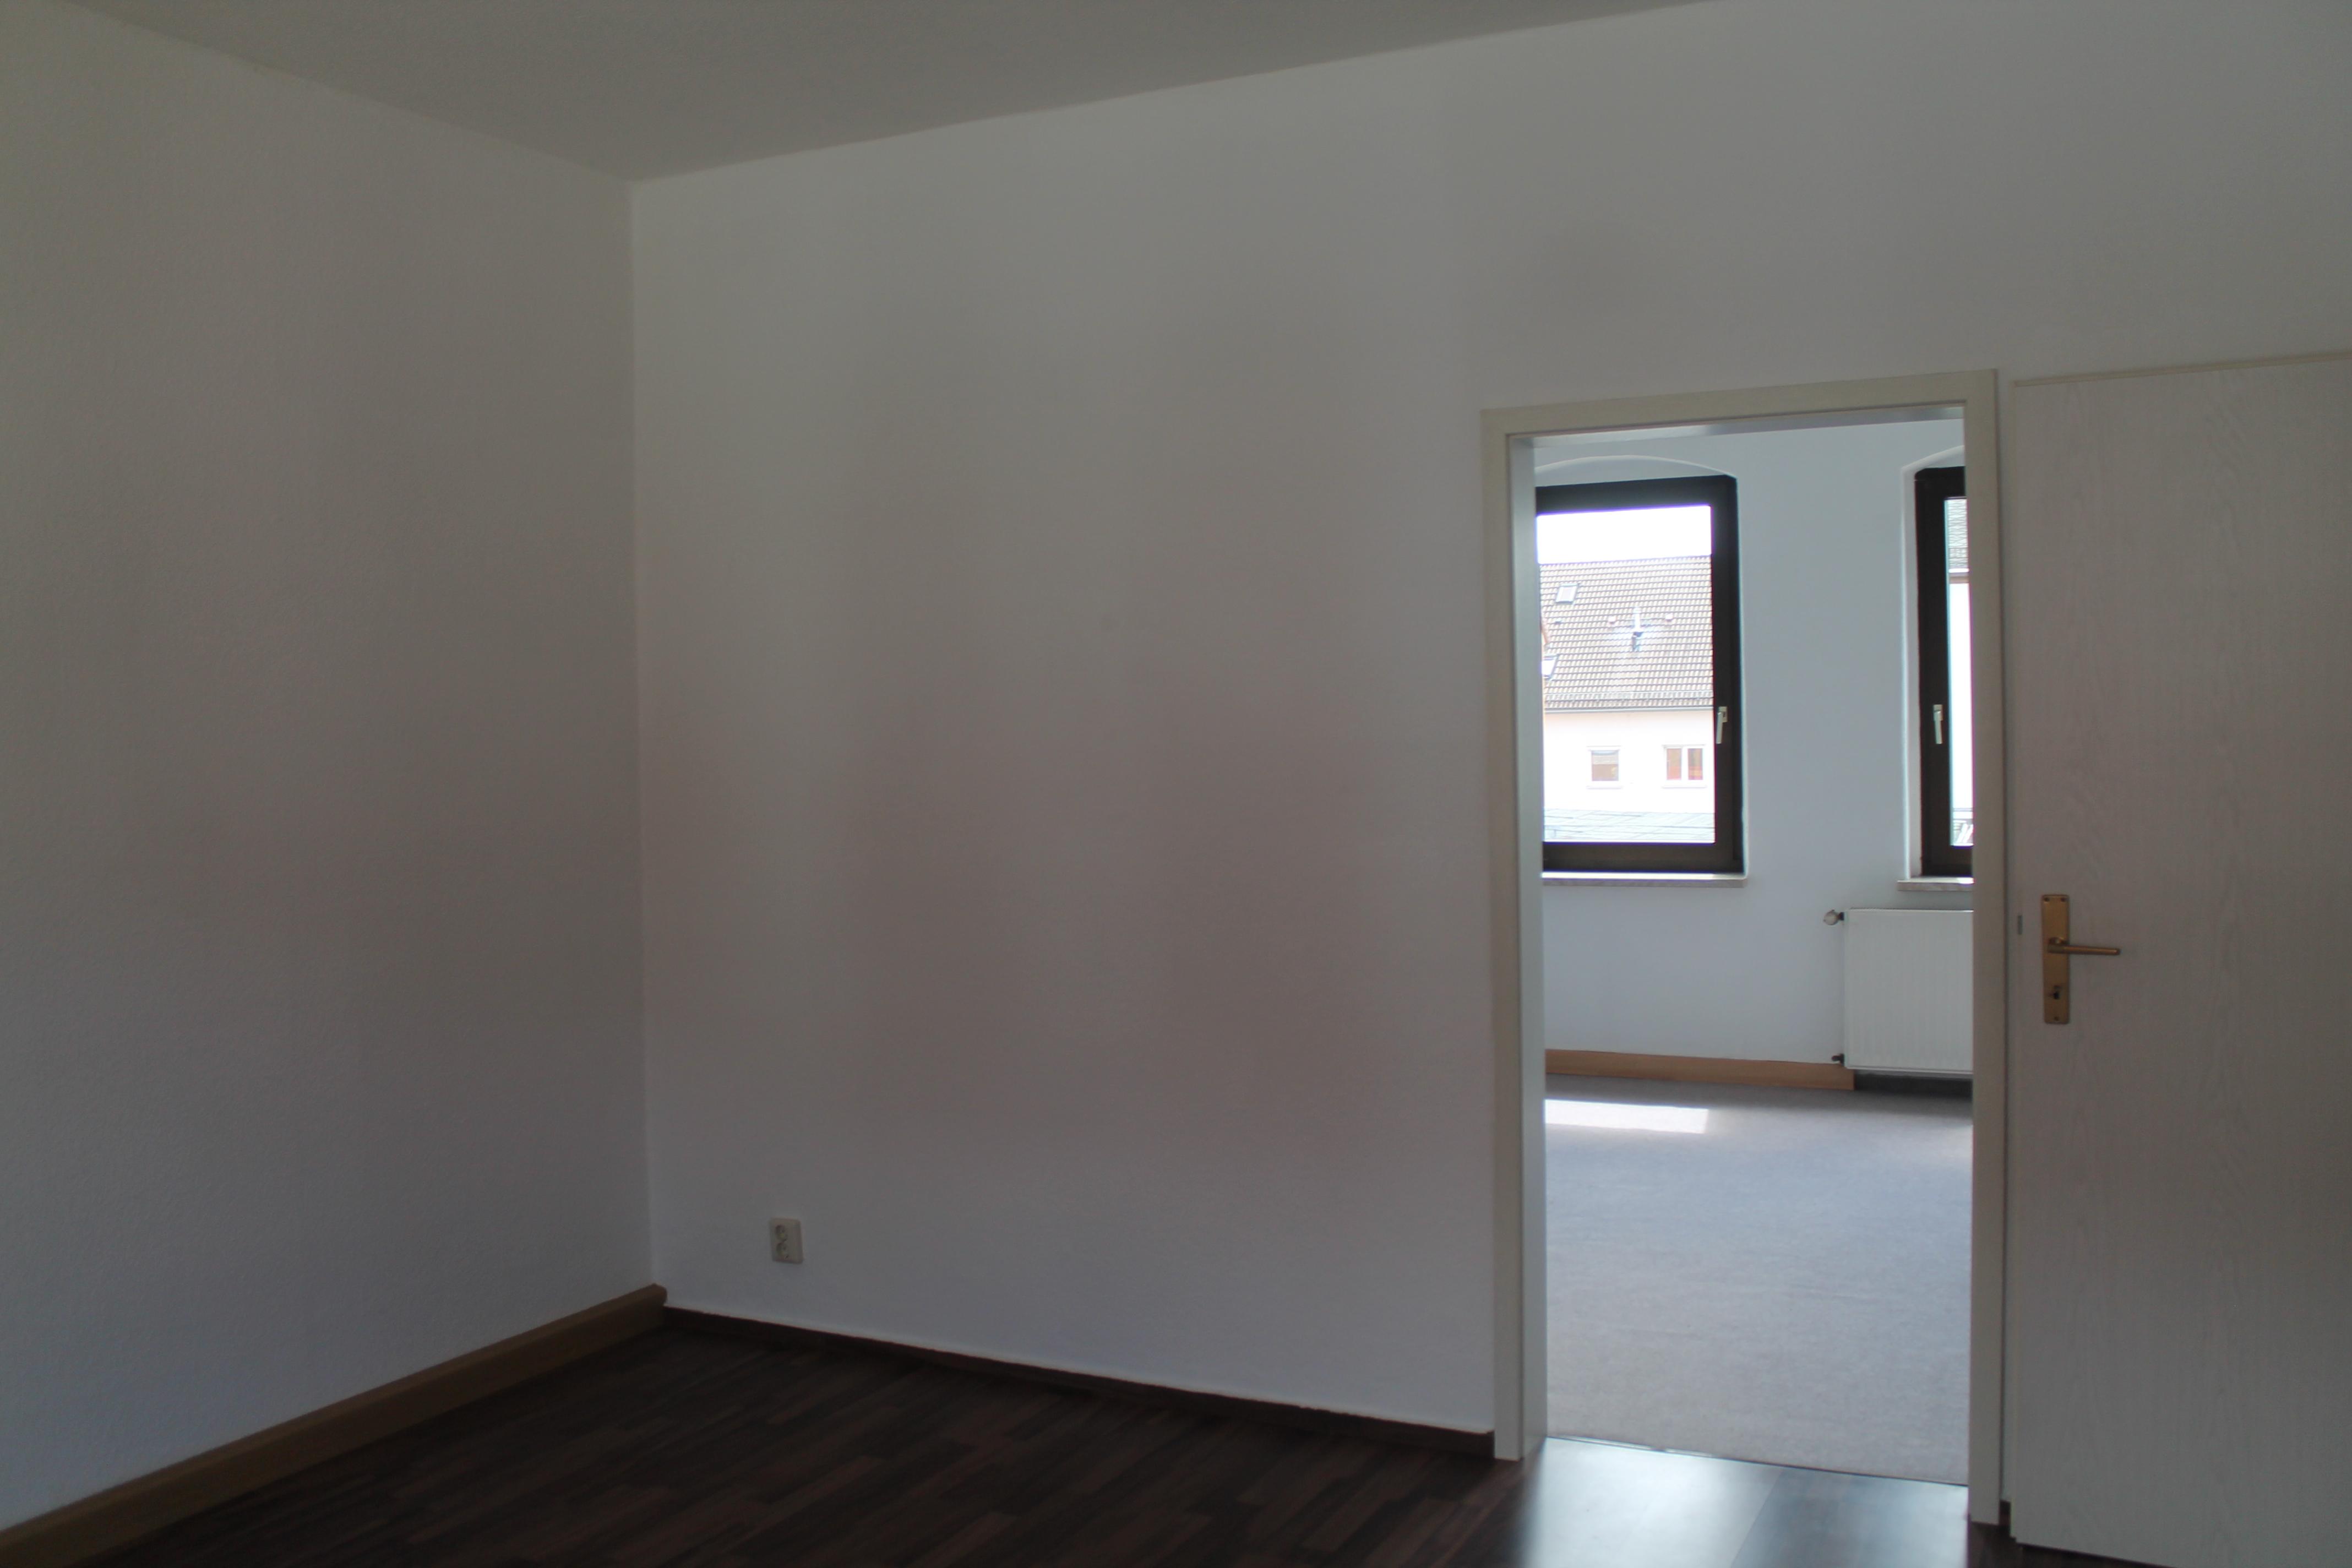 Wohnzimmer Blick ins Schlafzimmer vorher